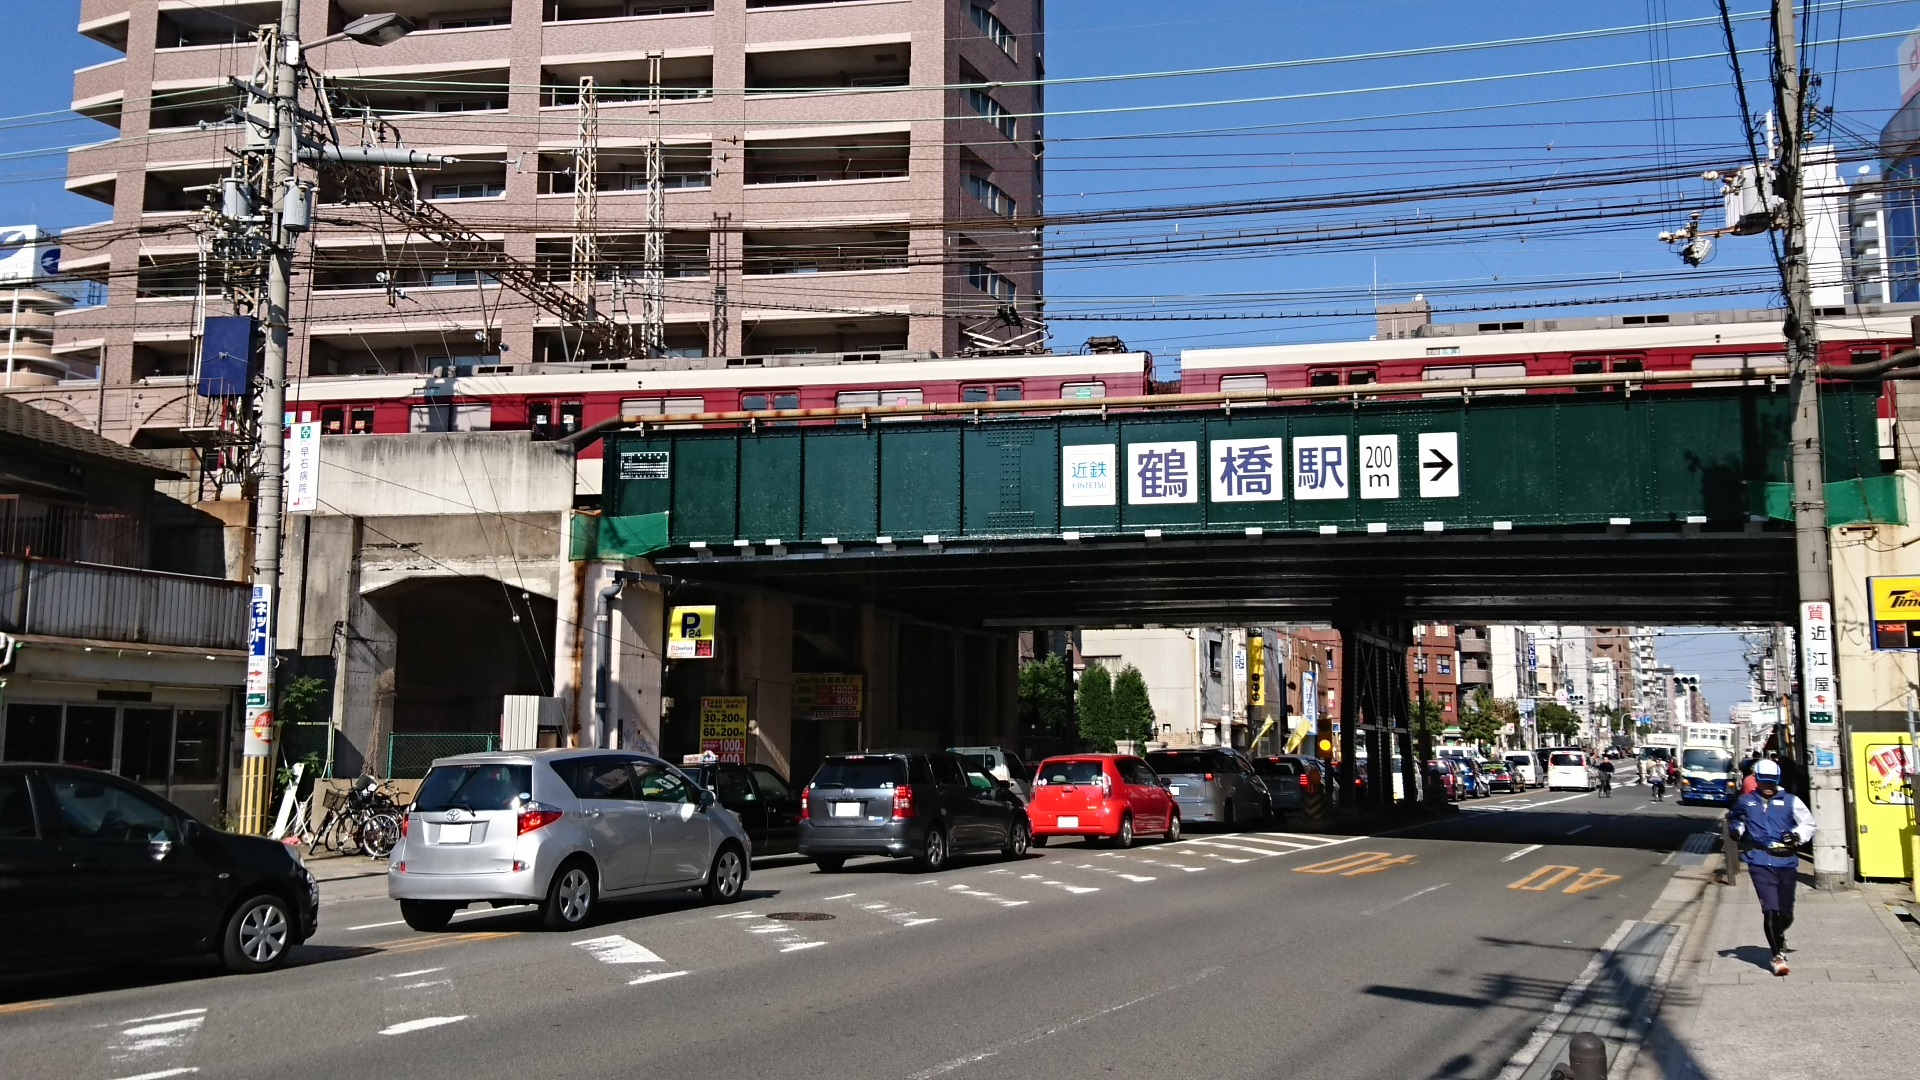 2016.11.12 近鉄 (28) 鶴橋ガード 1920-1080